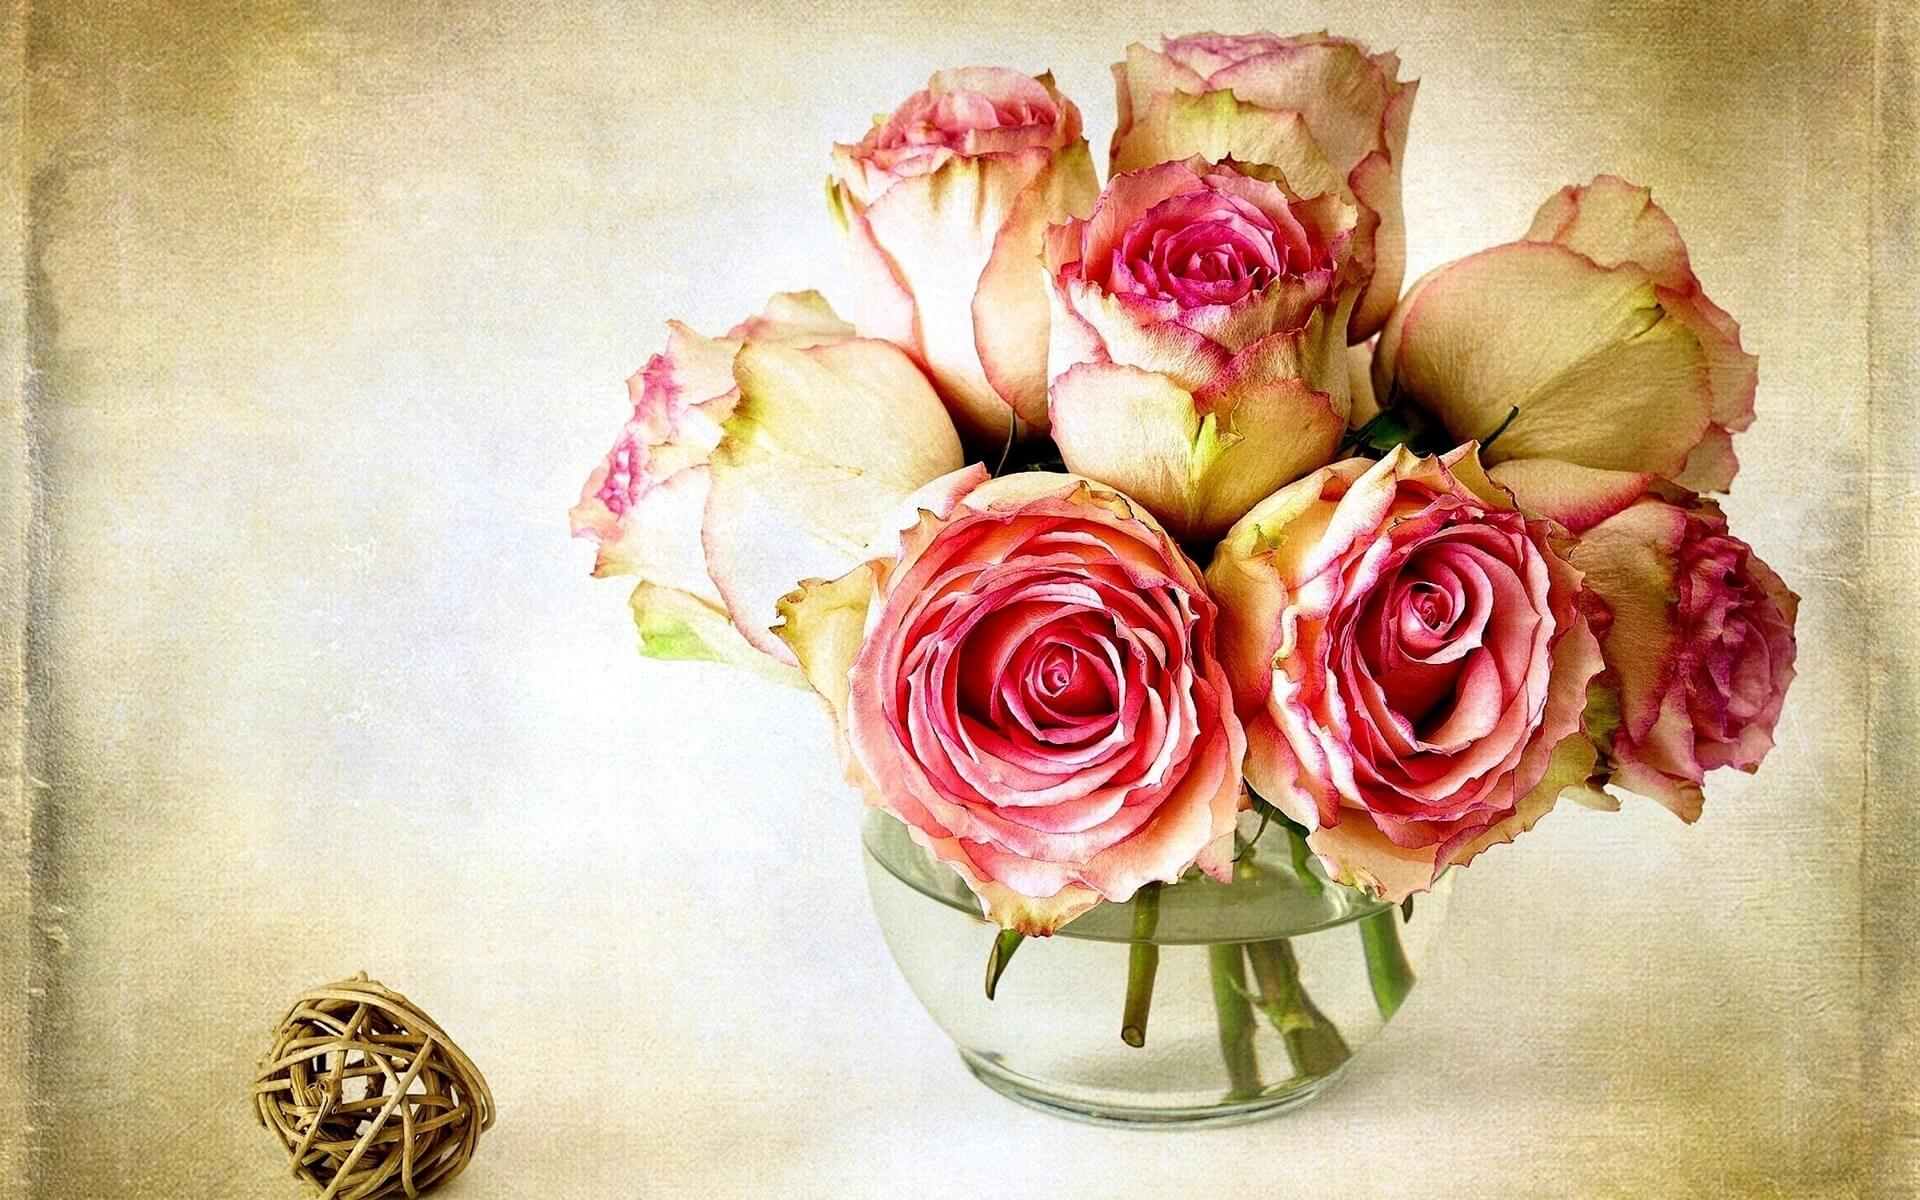 Удивительные картинки с розами, интересная сборка 27 фото 18